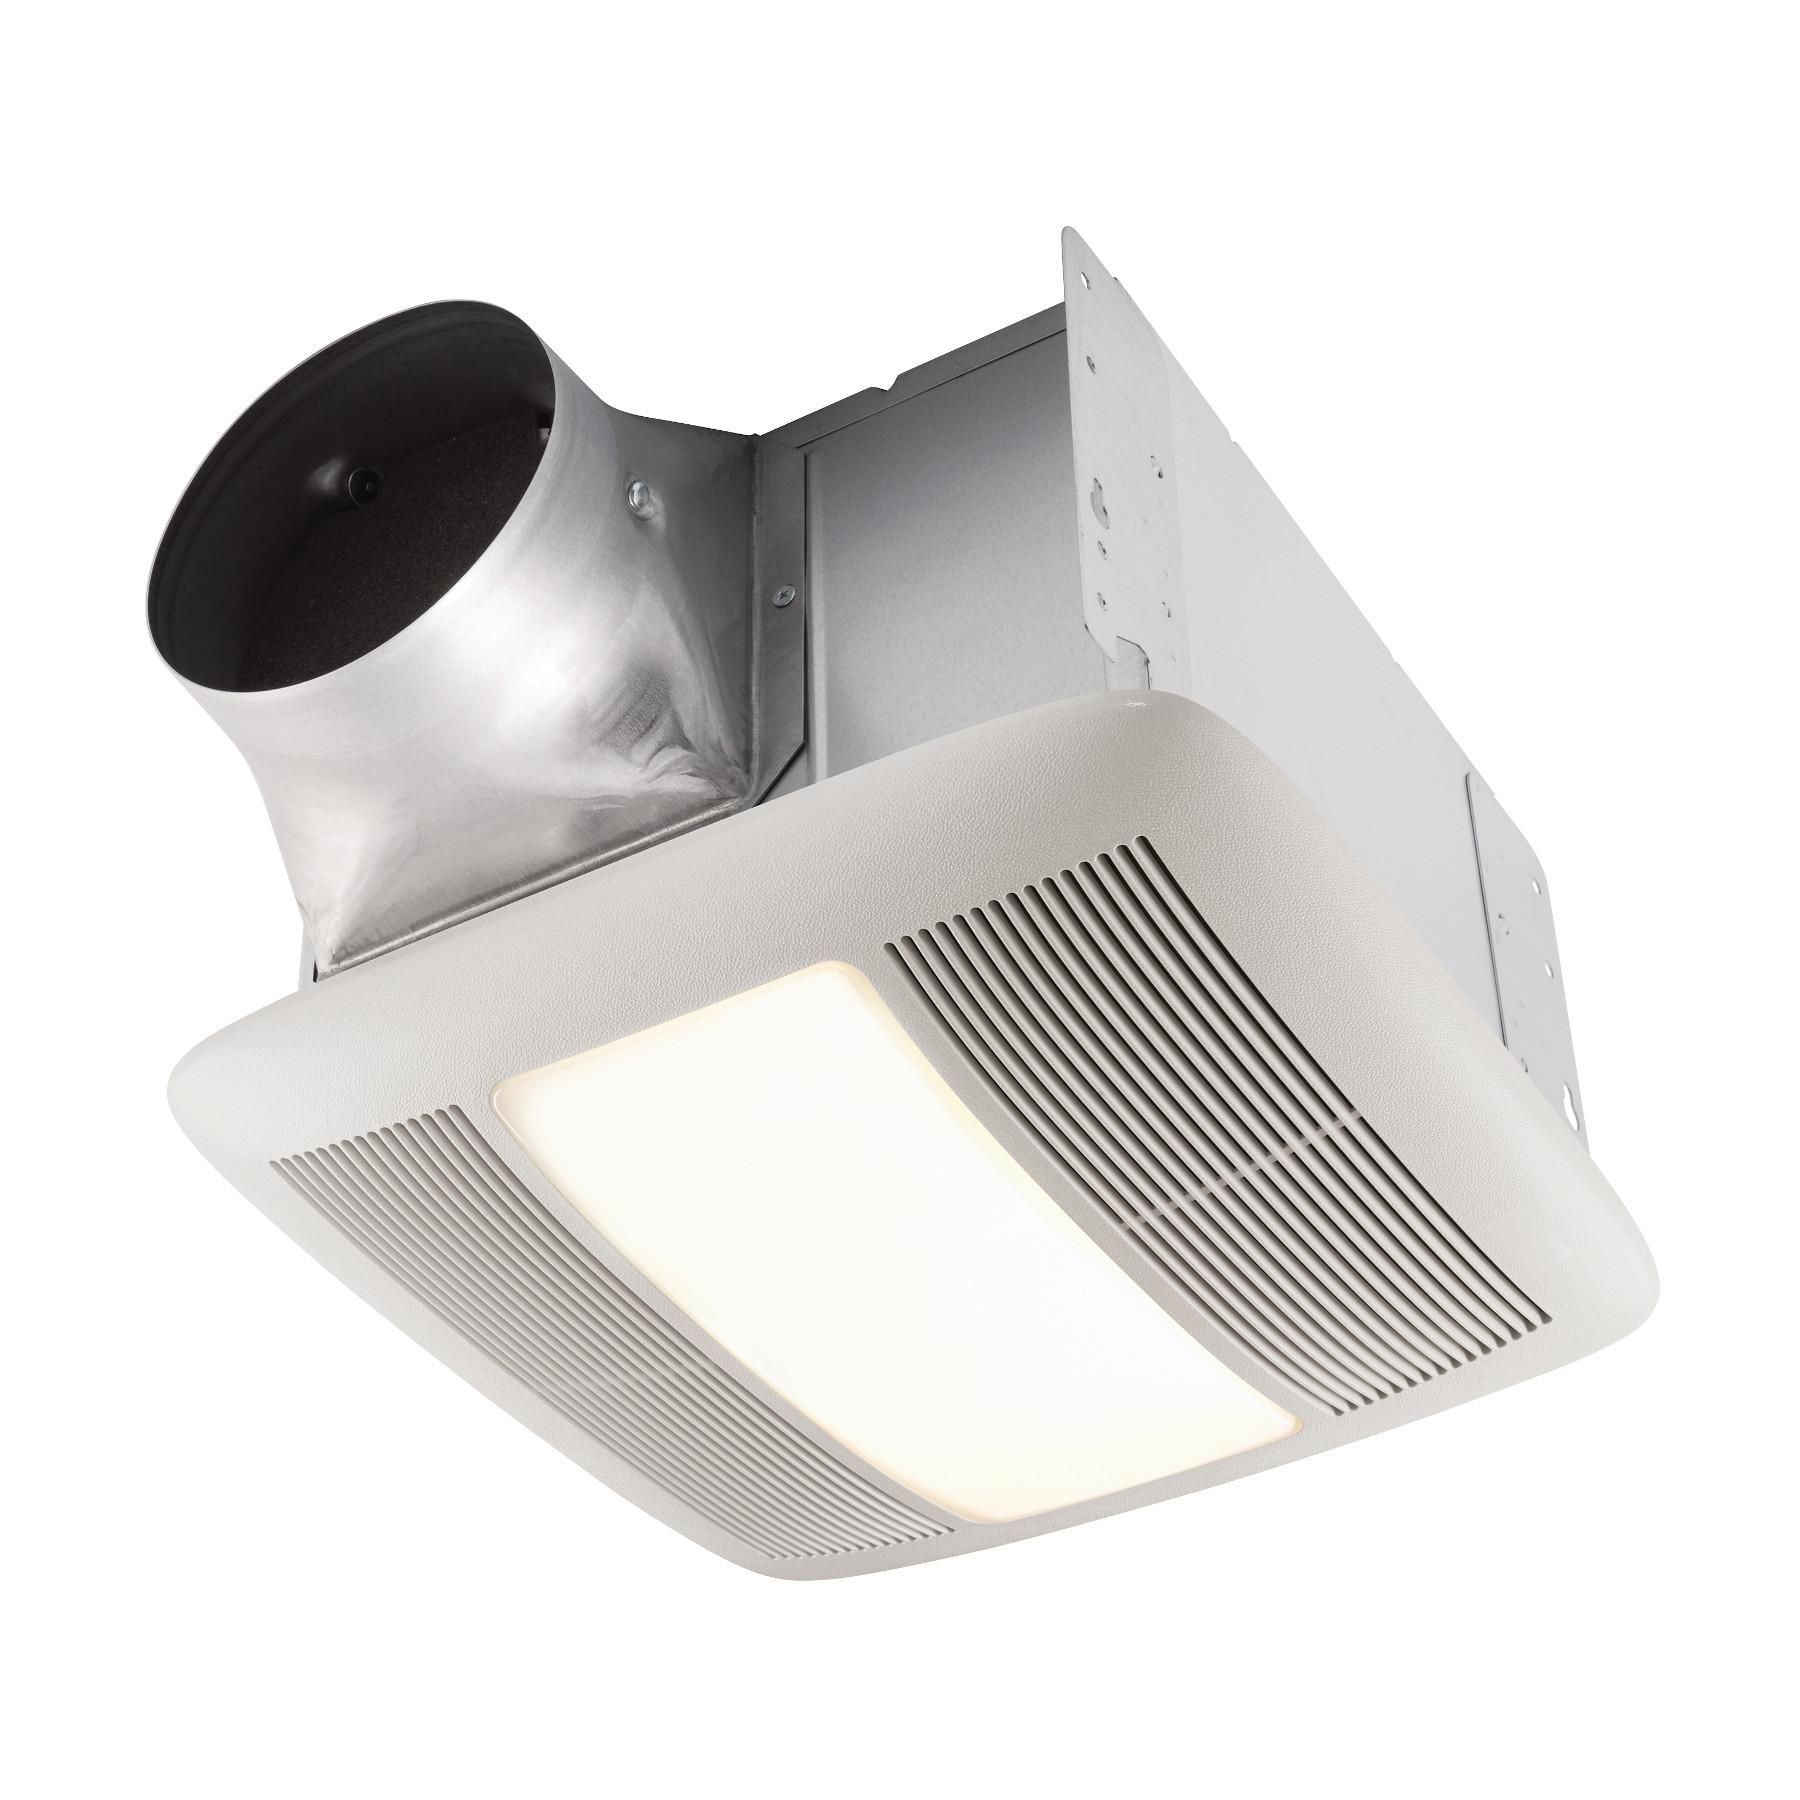 Qt140le Broan 140 Cfm Ventilation Fan Light With Night Lightquiet Bathroom Fan Light Night Light Energy St